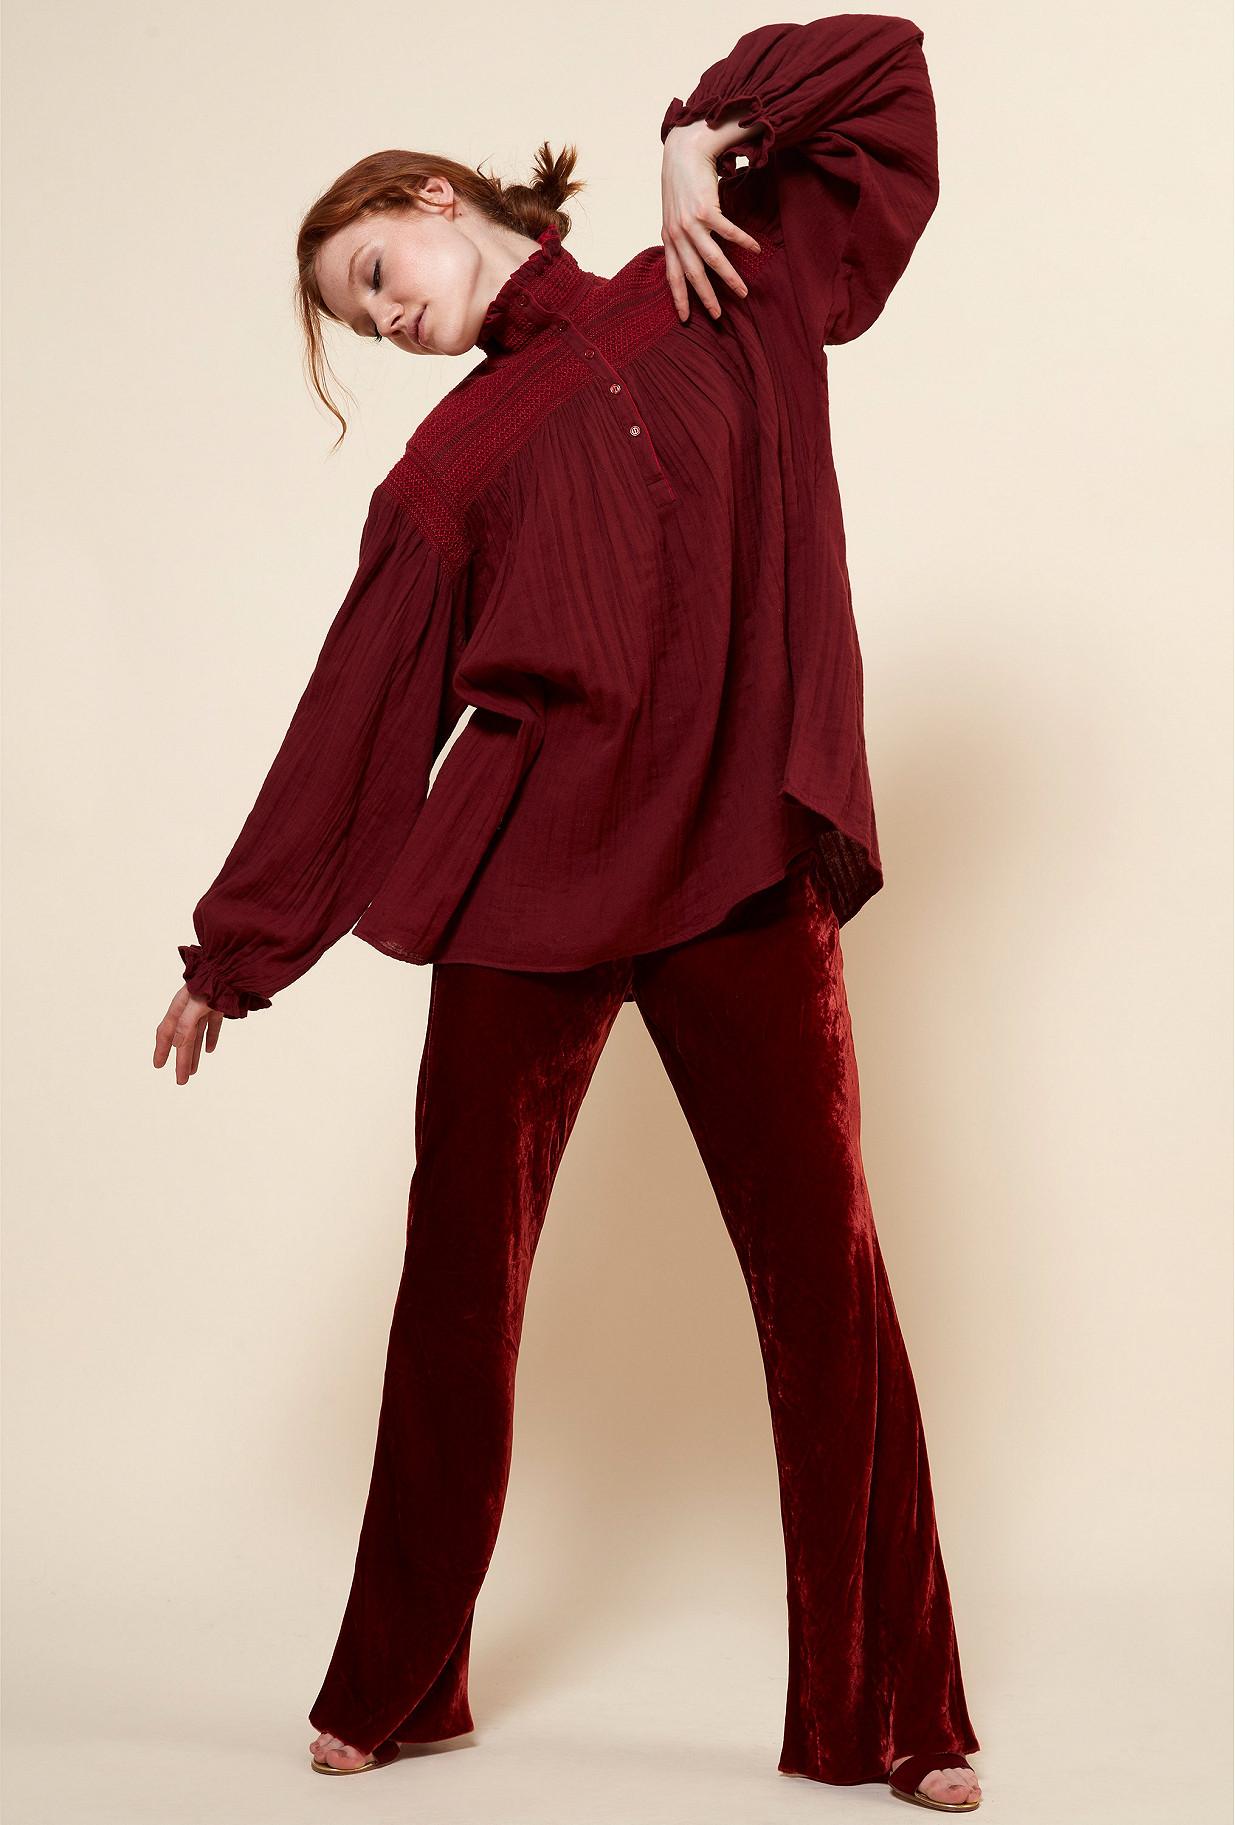 Paris boutique de mode vêtement Blouse créateur bohème Tartuffe